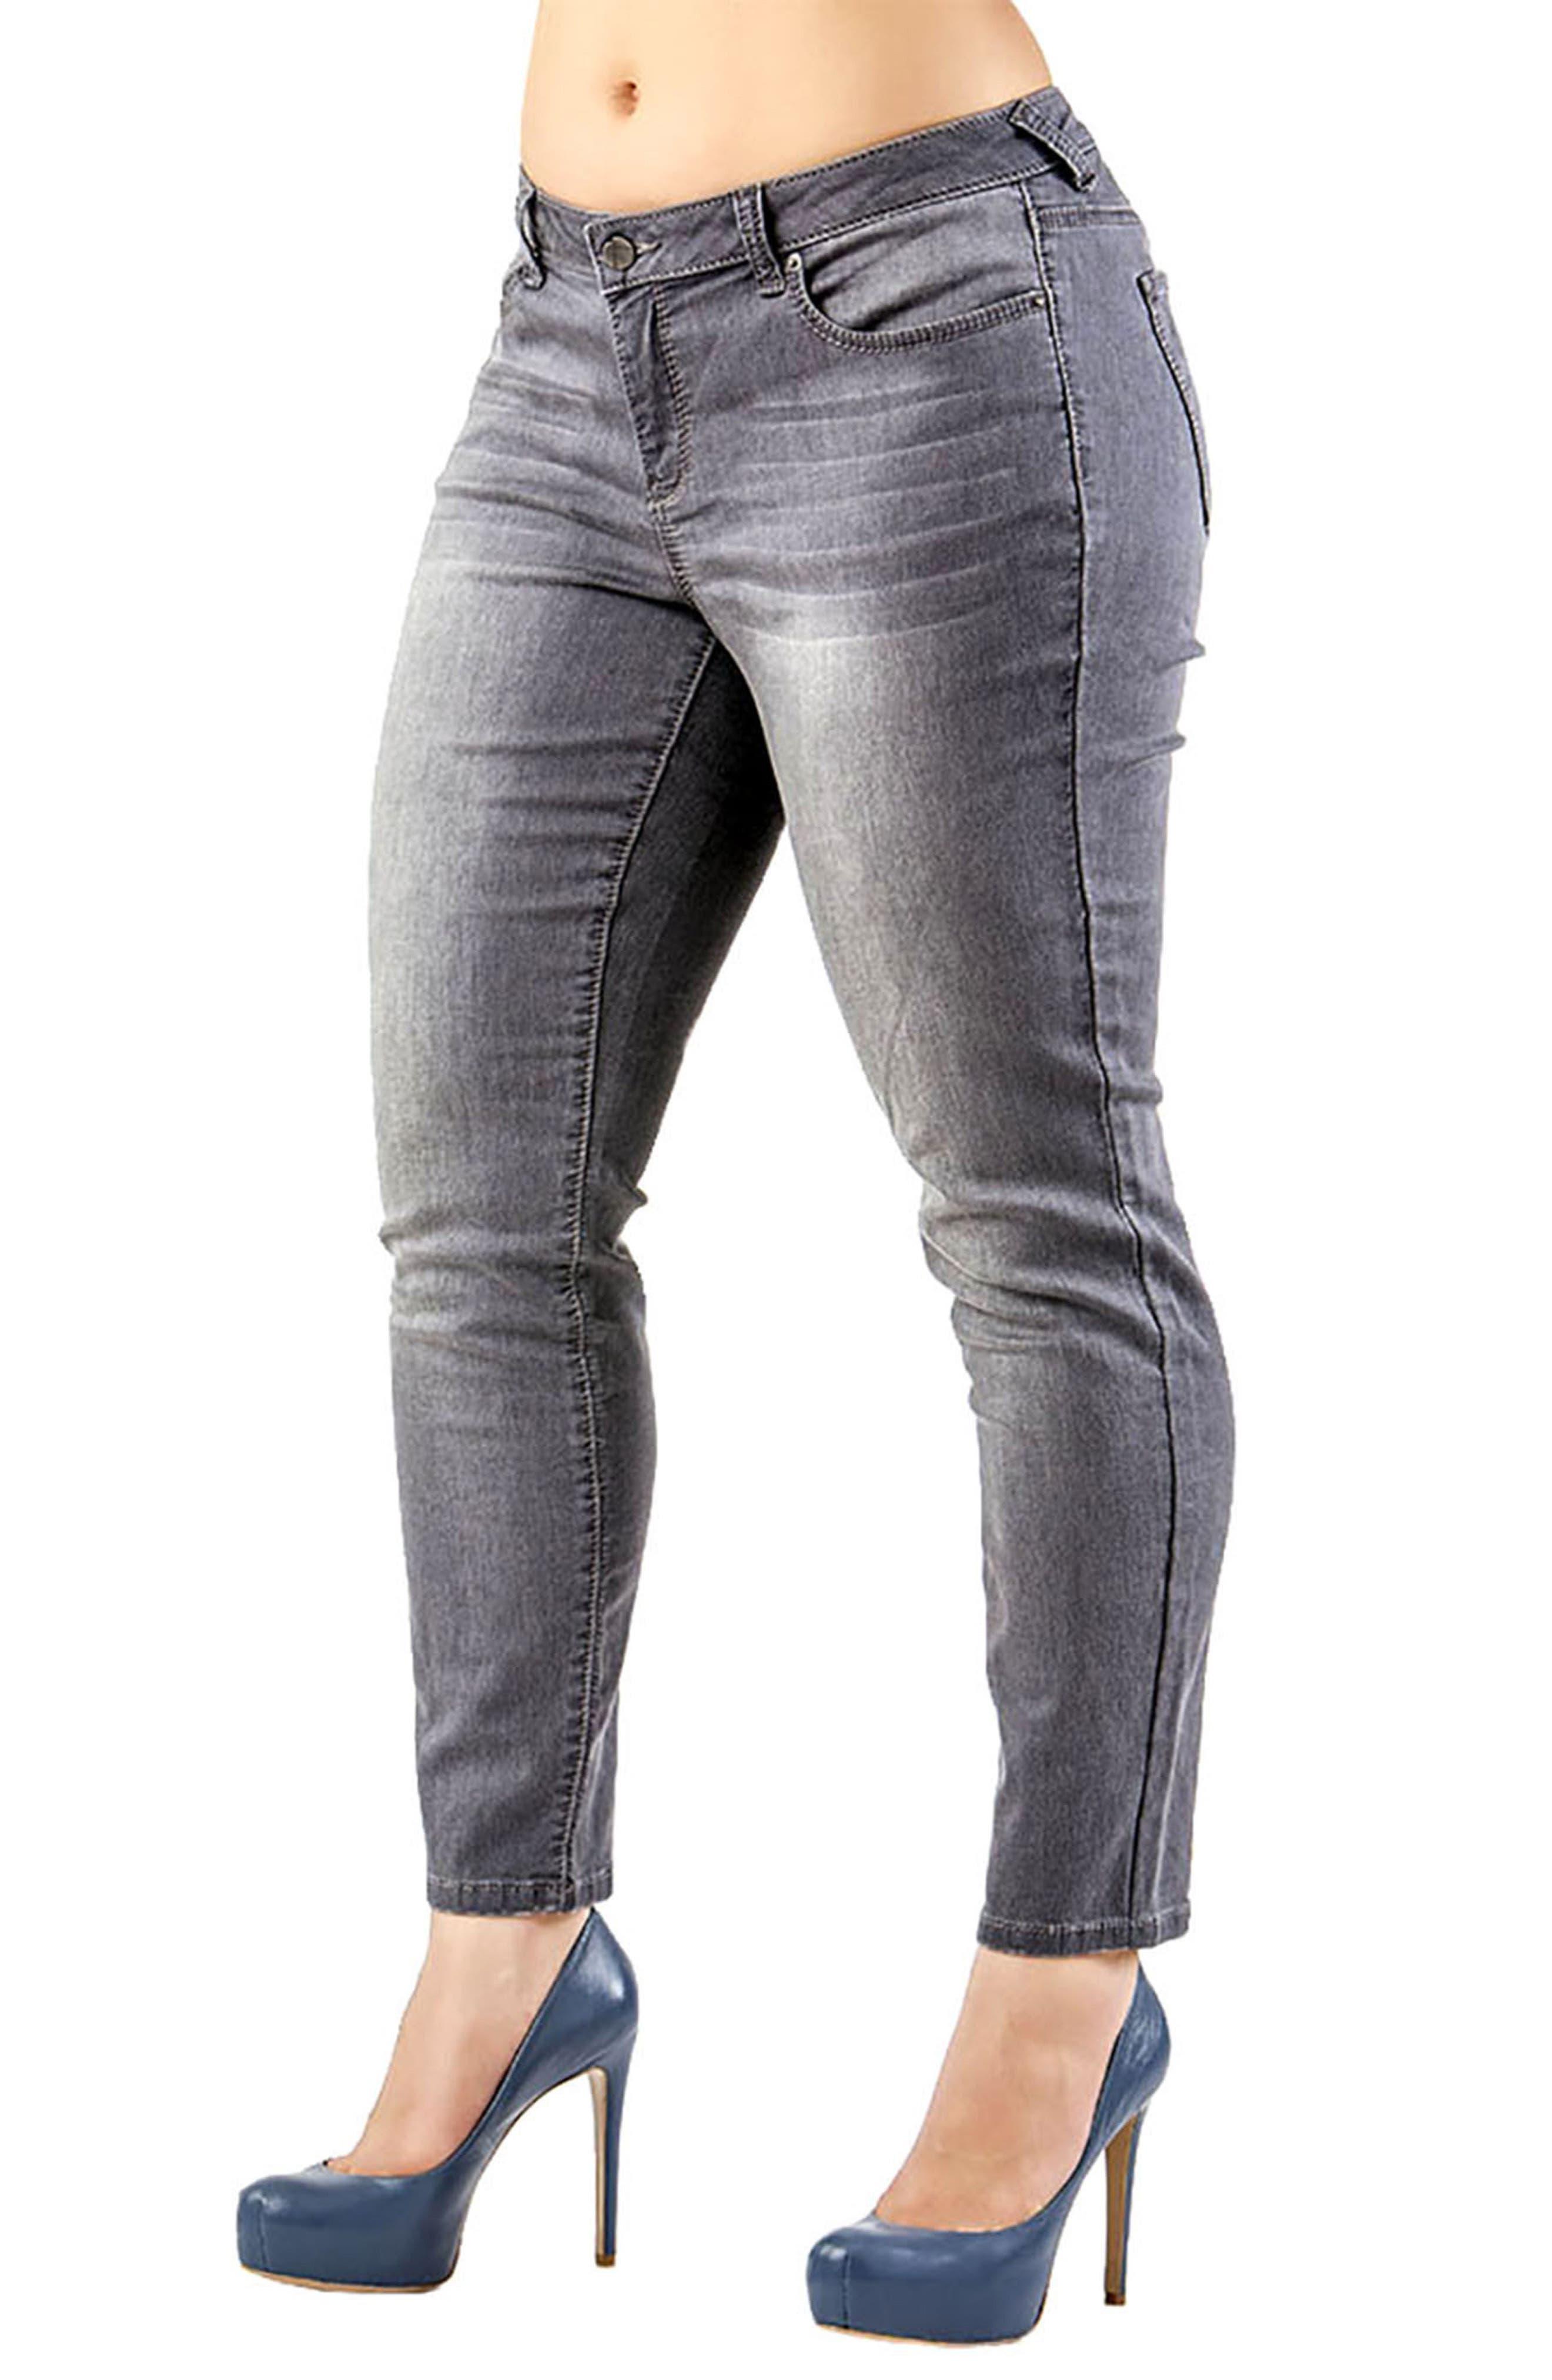 Minnie Stretch Denim Skinny Jeans,                         Main,                         color, Grey